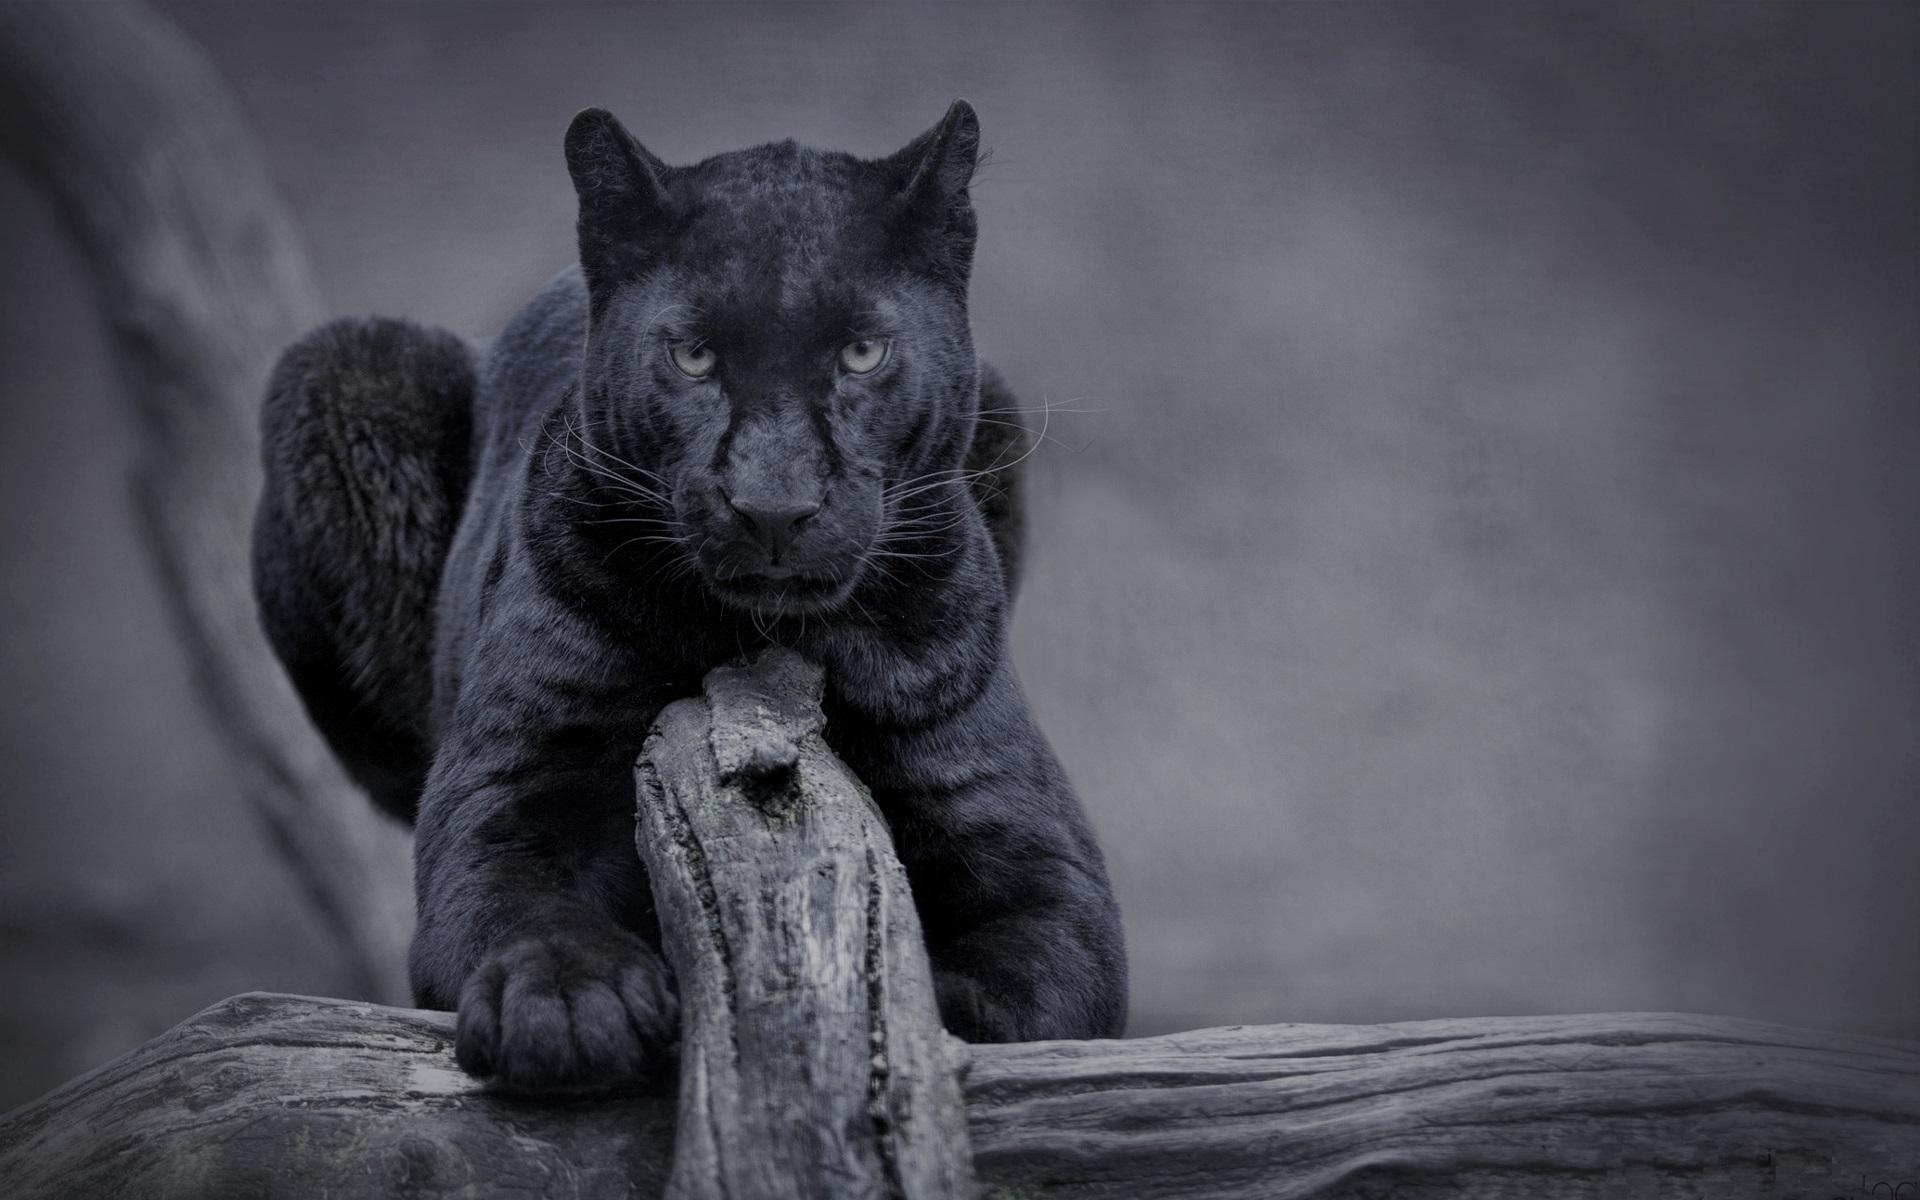 Black Panther Animal Wallpapers: Fondos De Pantalla Pantera Negra, Vida Silvestre, Vista